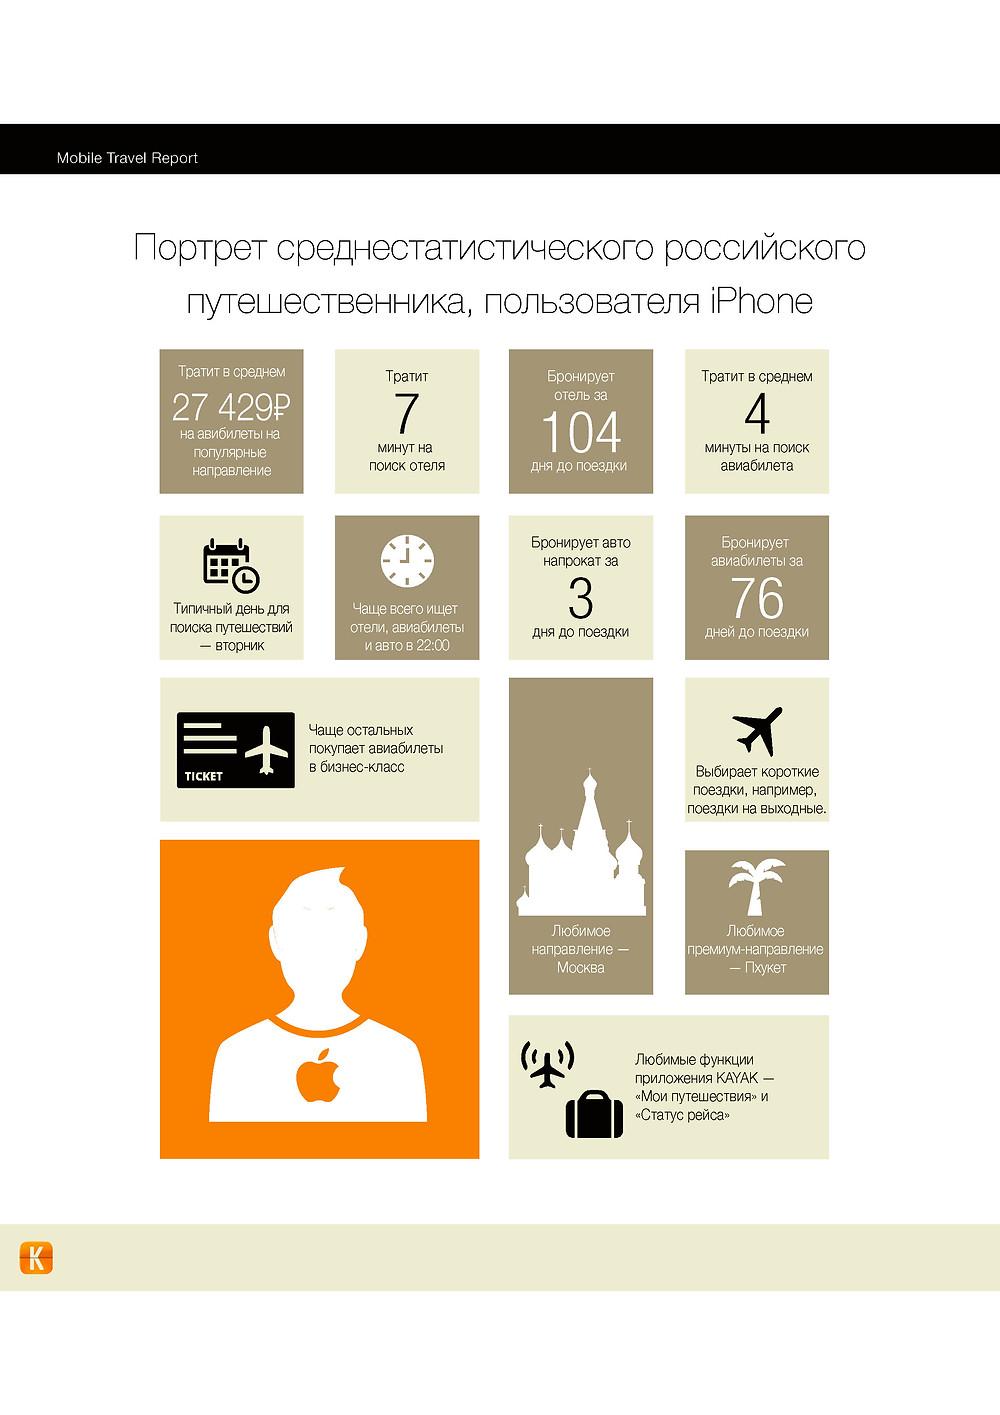 MobileTravelReport_Инфографика-22.jpg